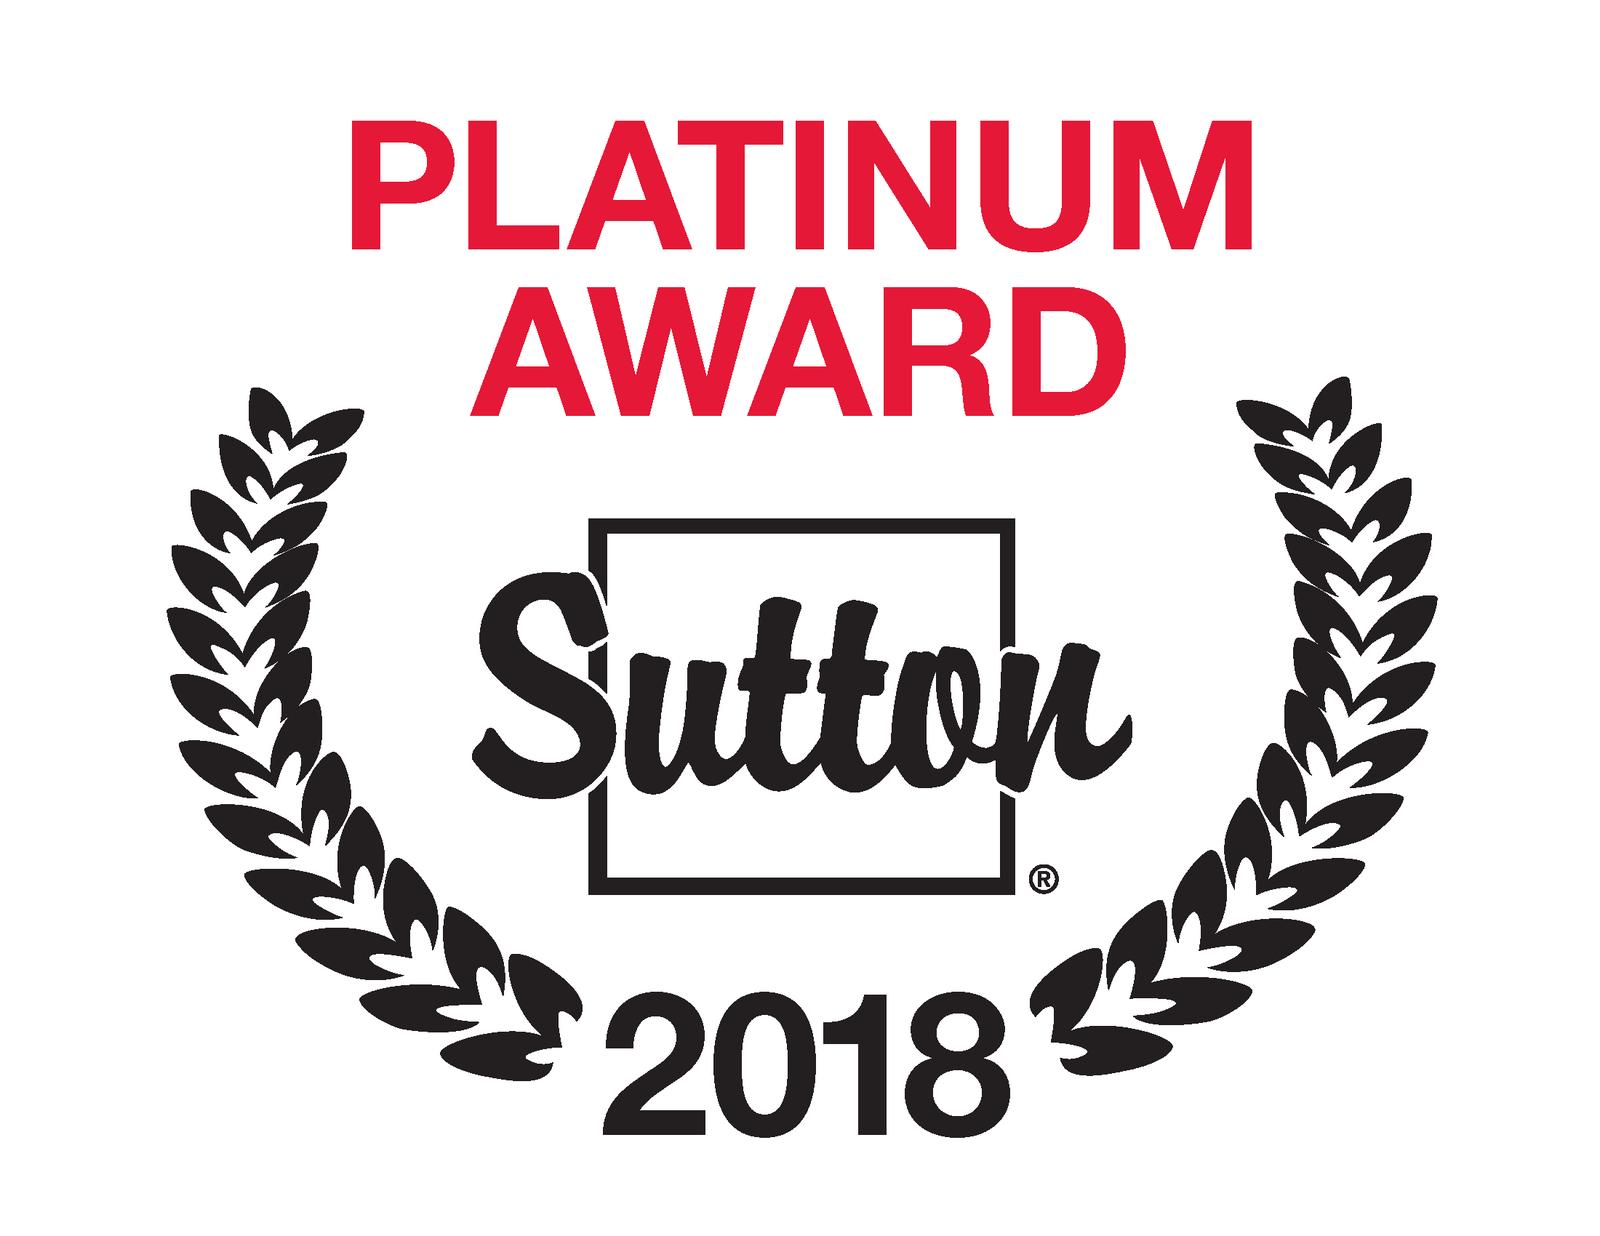 Dean Wegman Award 2018